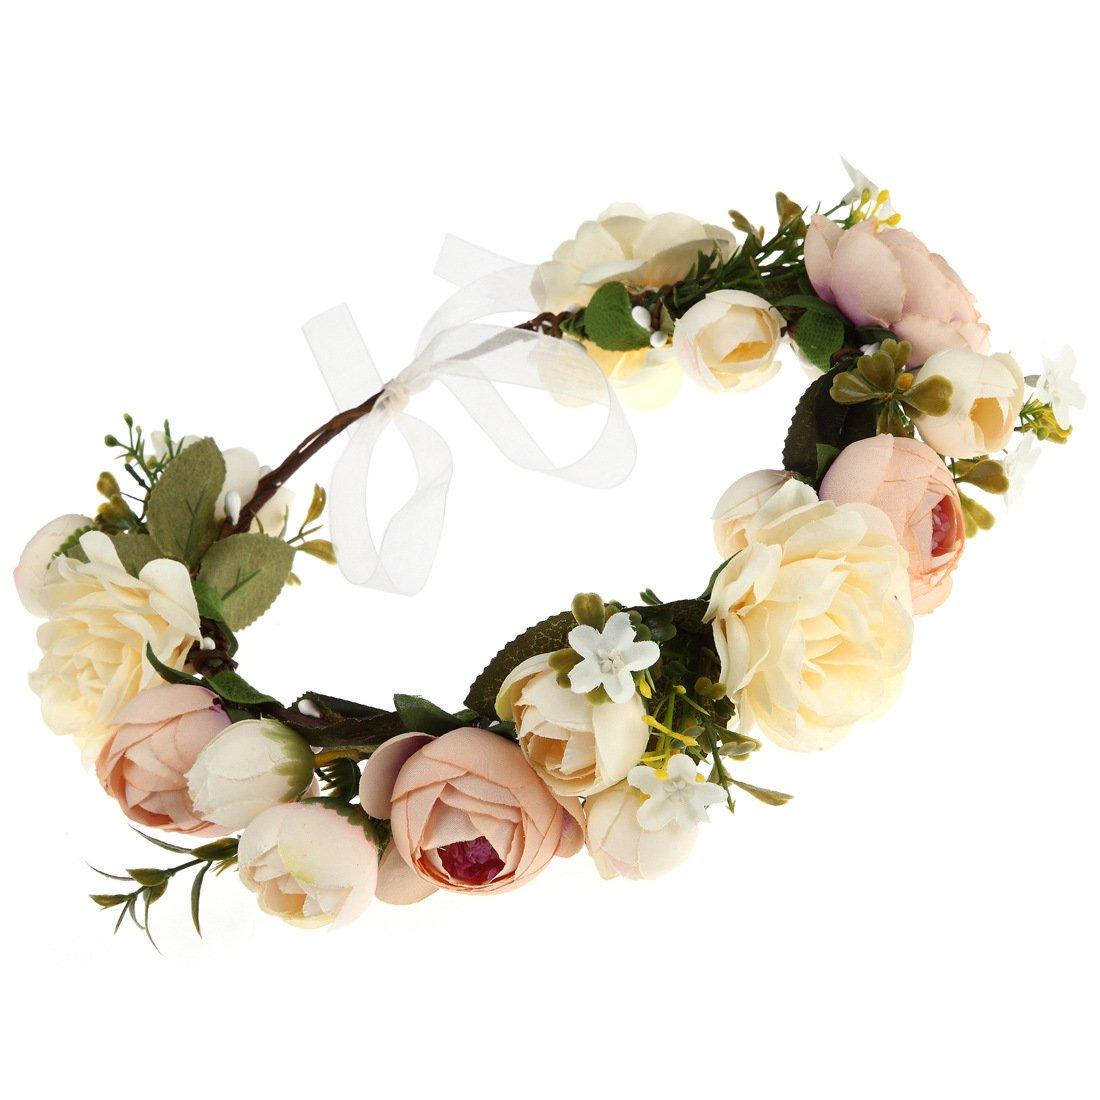 Amazon women flower wreath crown floral wedding garland ddazzling women flower headband wreath crown floral wedding garland wedding festivals photo props izmirmasajfo